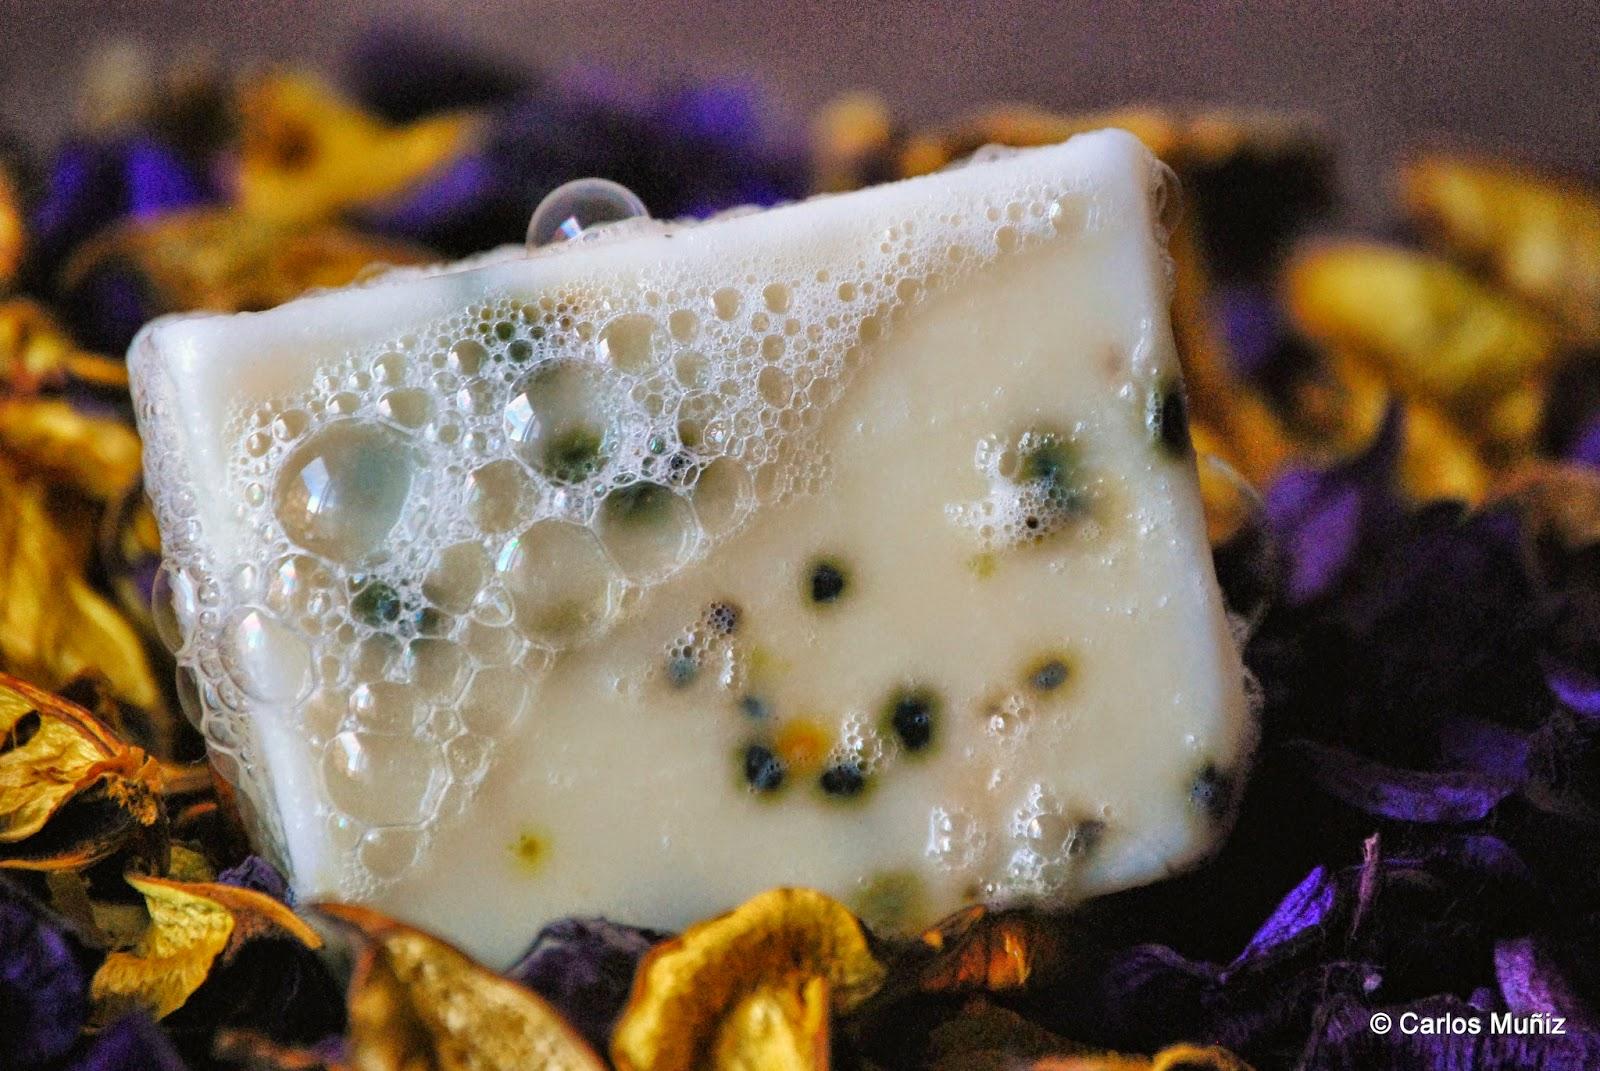 Jabón artesano de polen de abeja monofloral de castaño